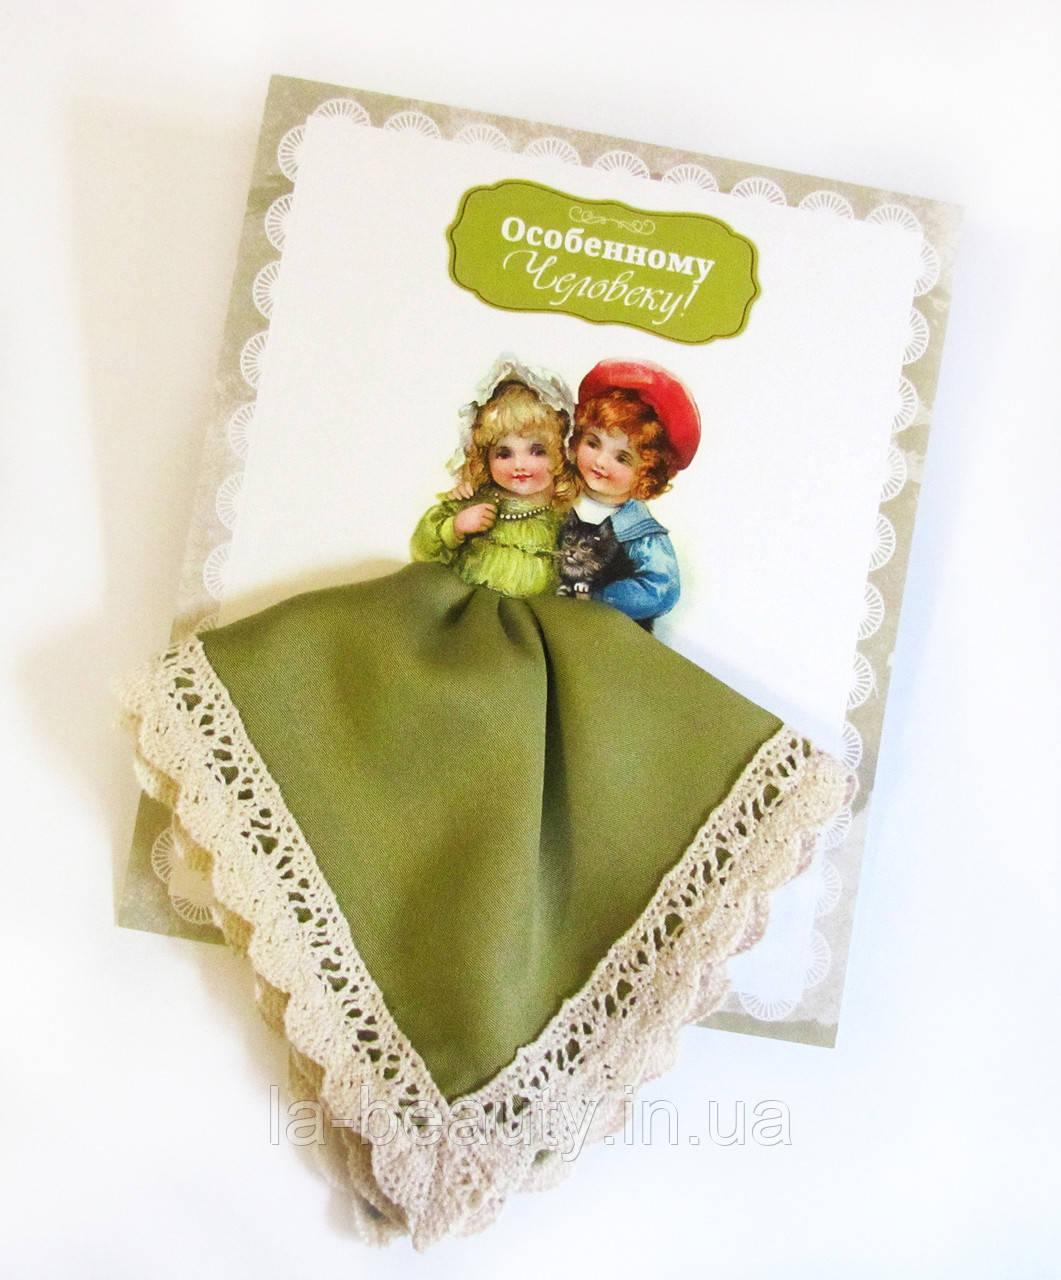 Носовой платок подарочный Особенному Человеку! оливковый с кружевом